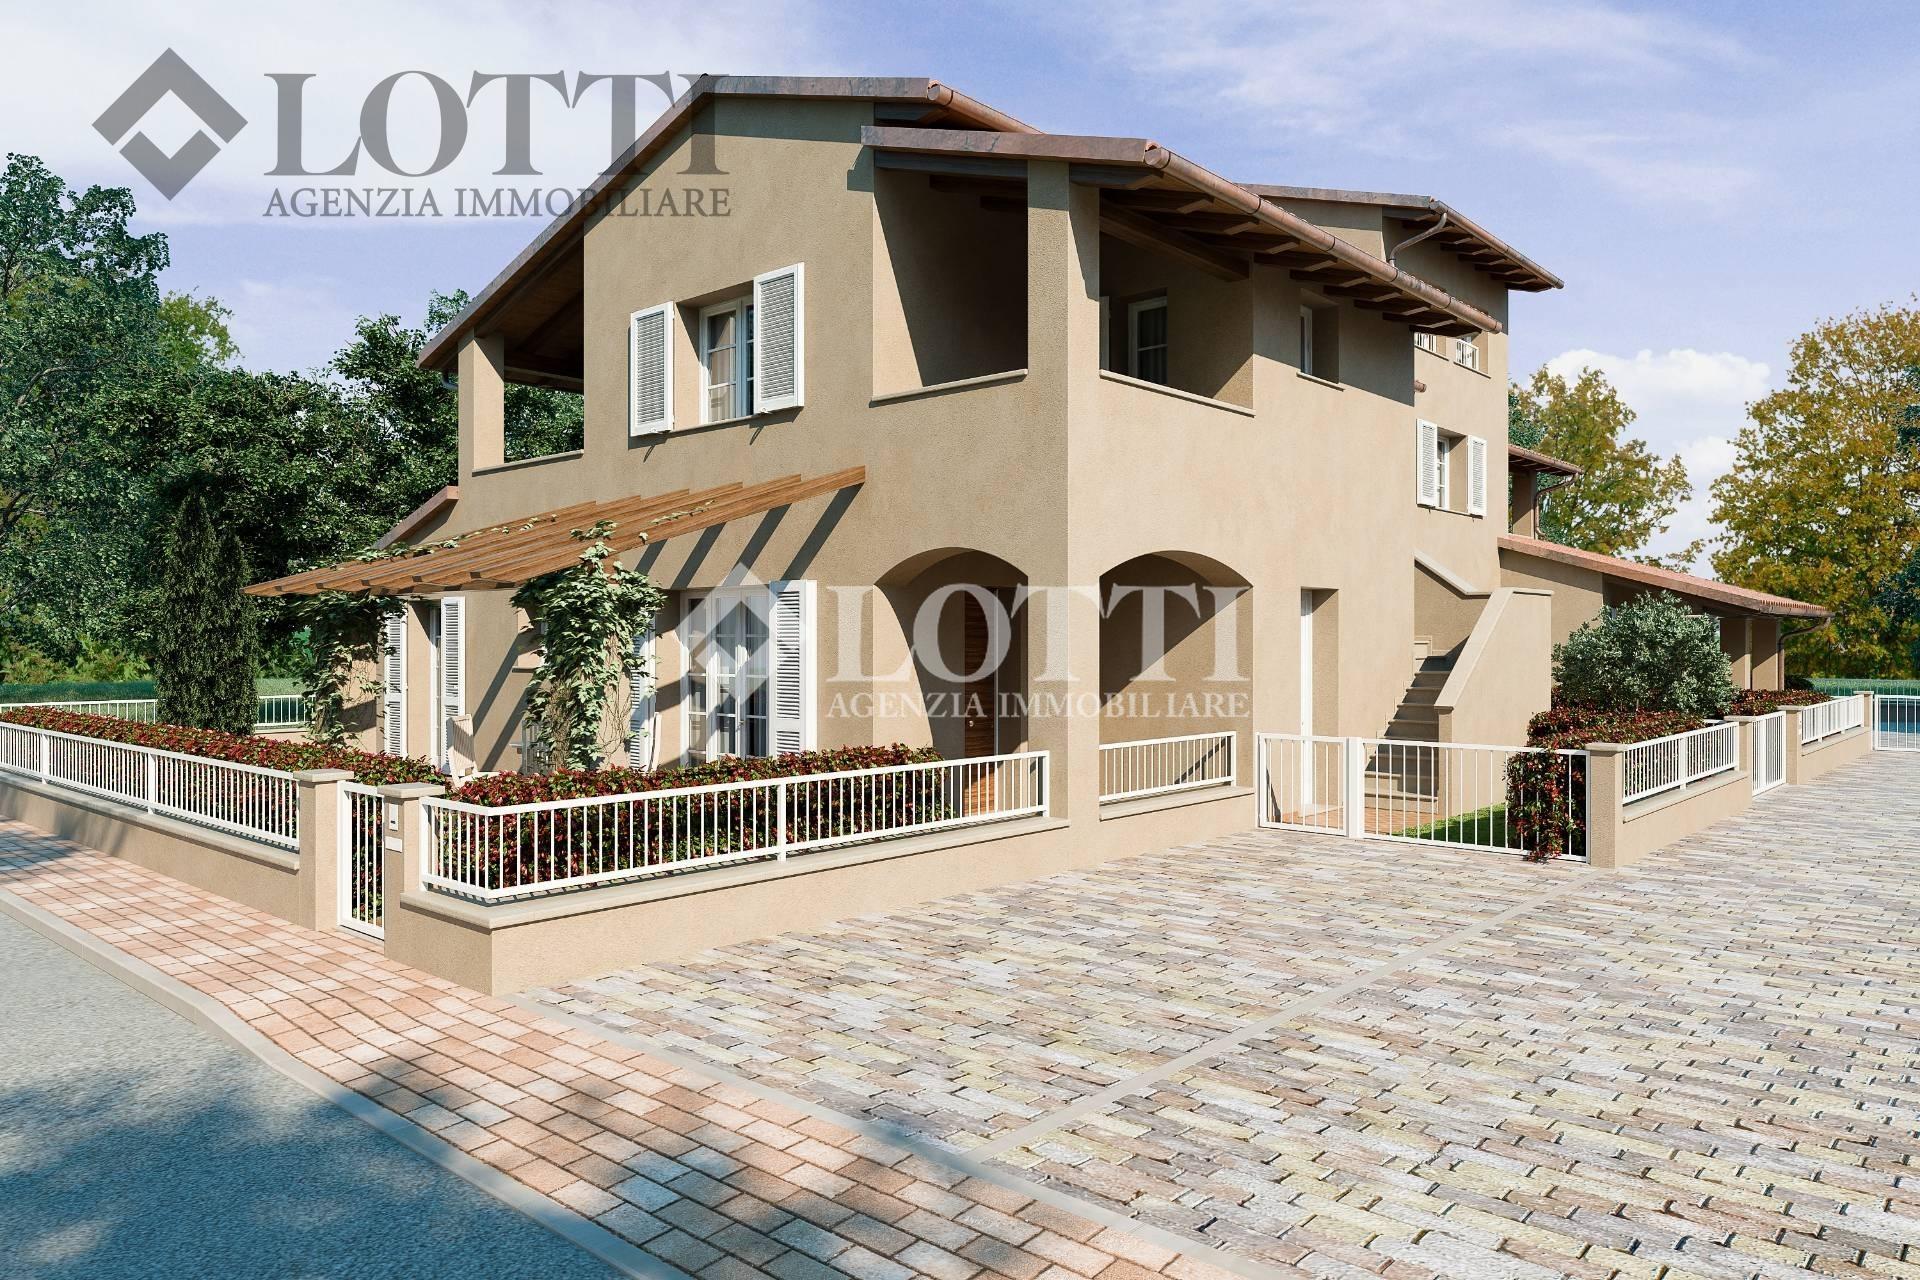 Appartamento in vendita, rif. 243-E